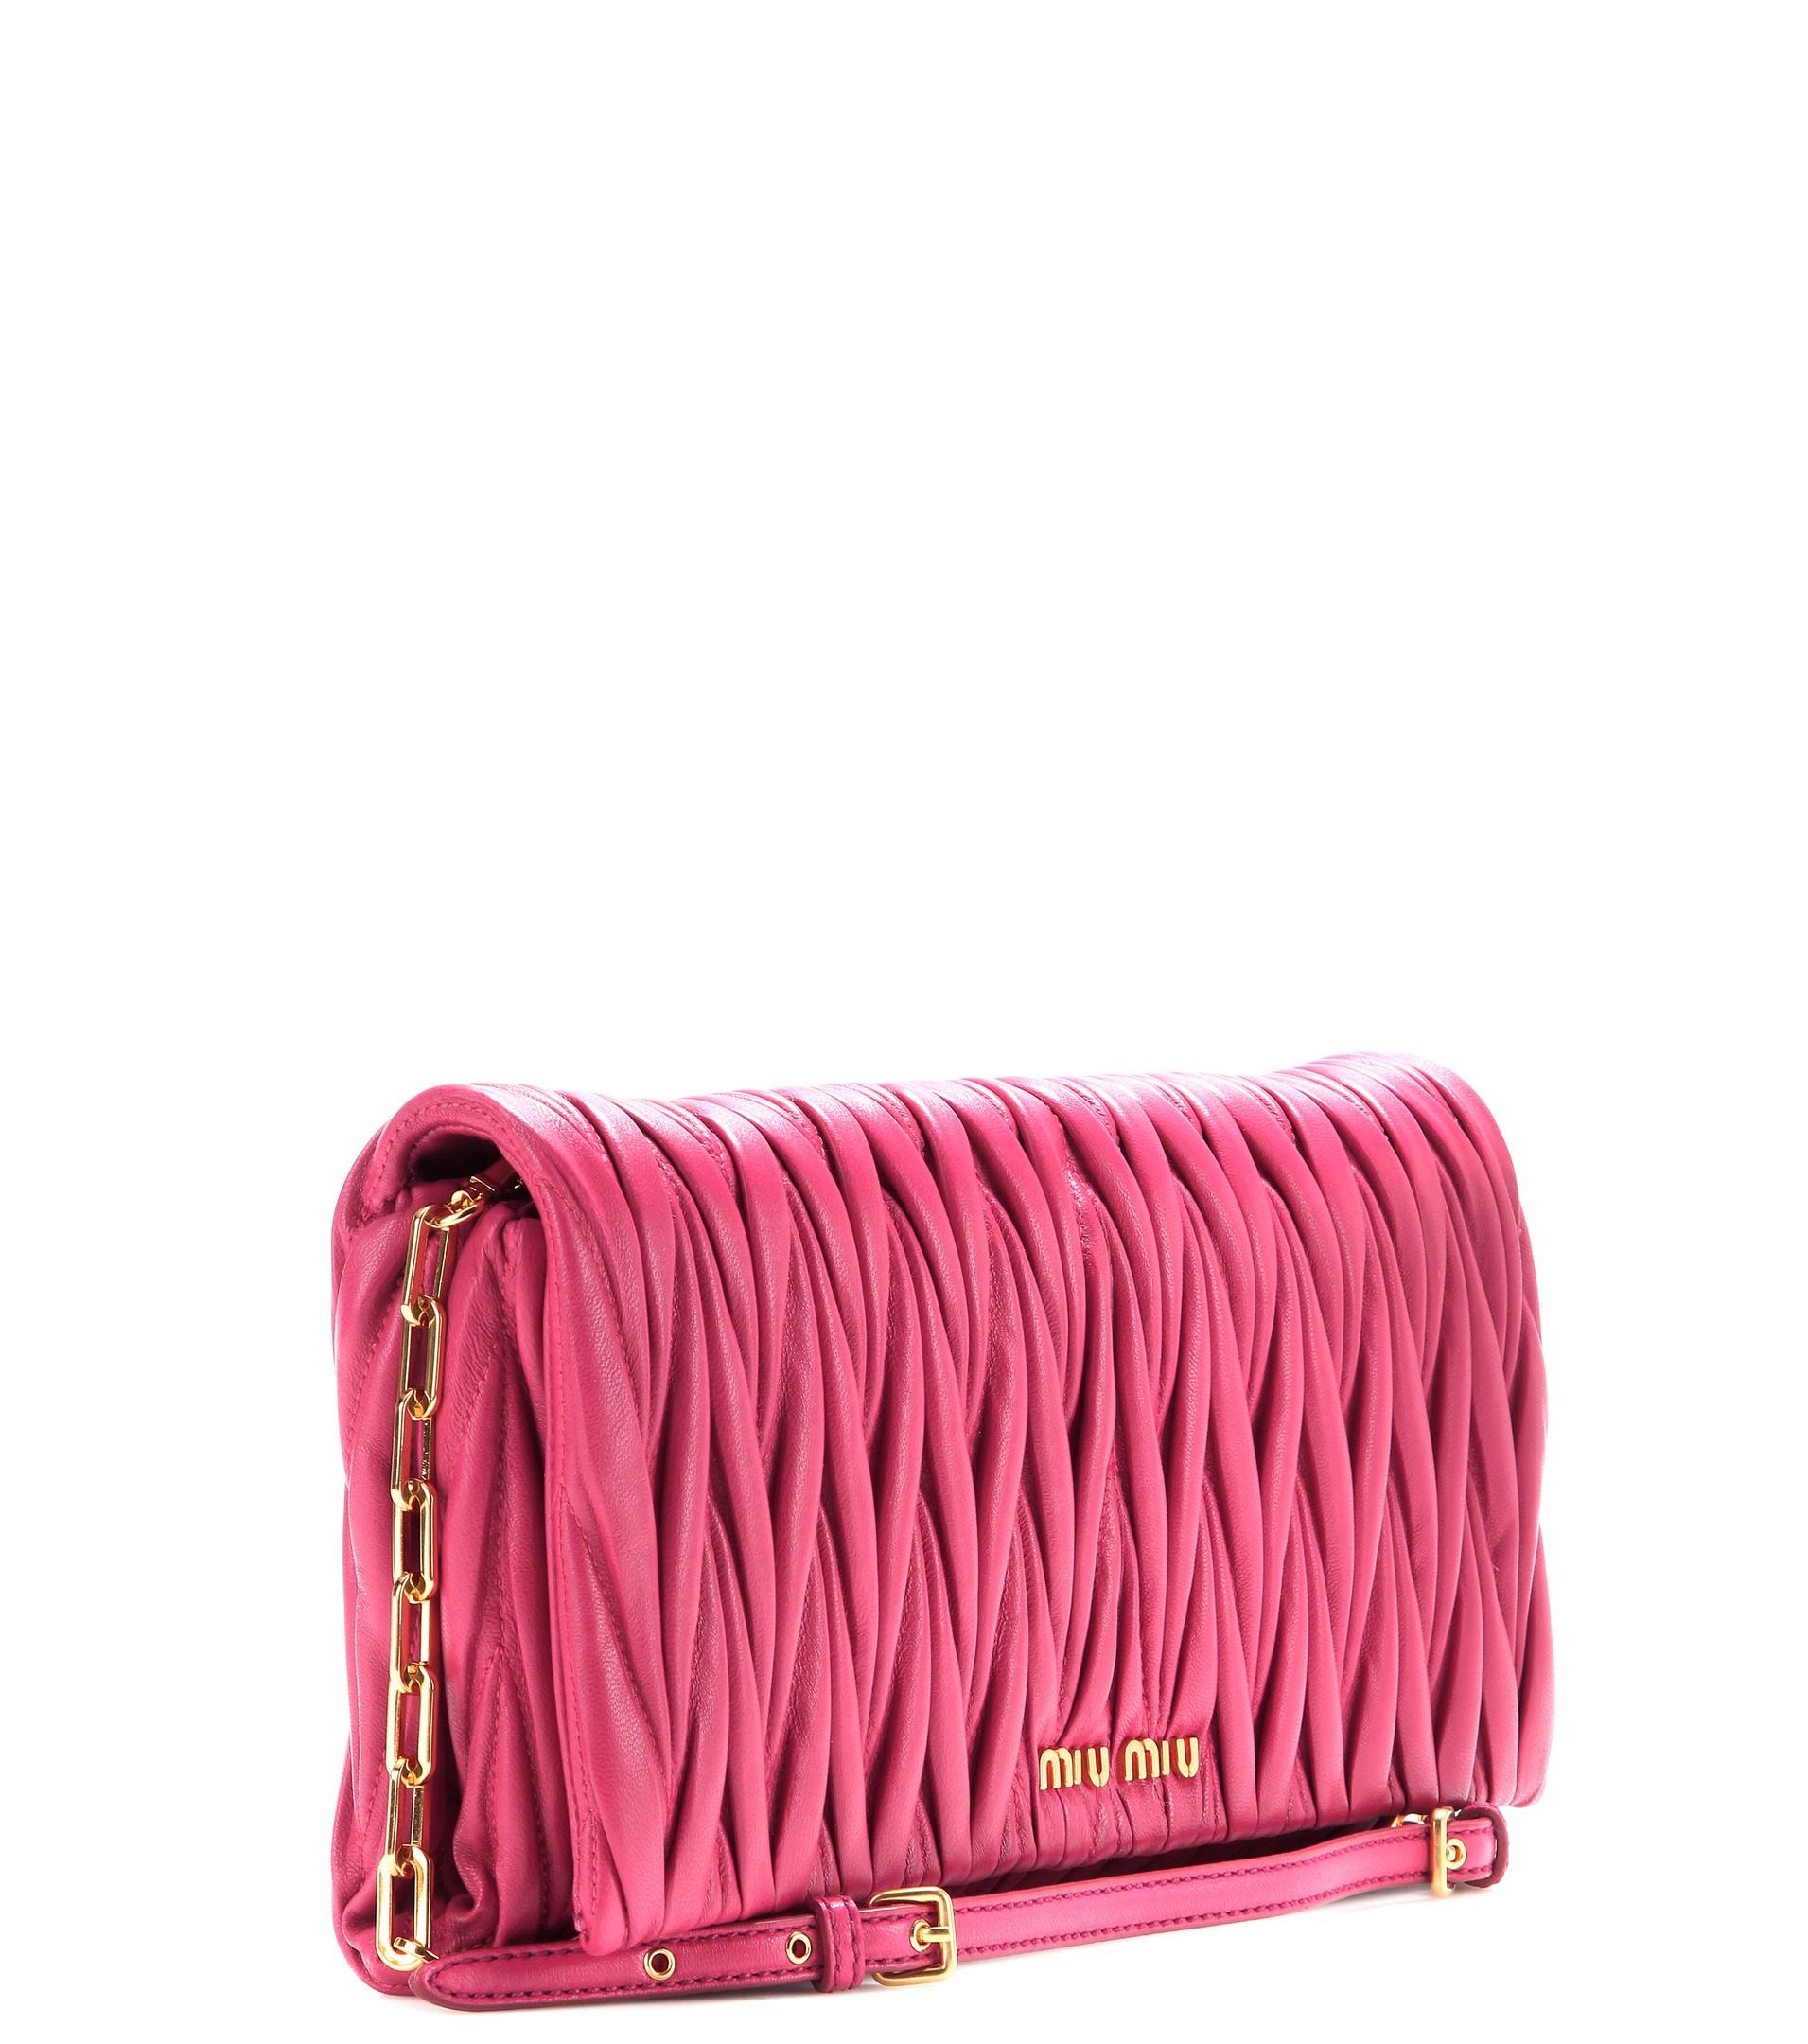 0d8ed1c6bbe6 Miu Miu Shoulder Pink Bag. Lyst - Miu Miu Matelassé ...